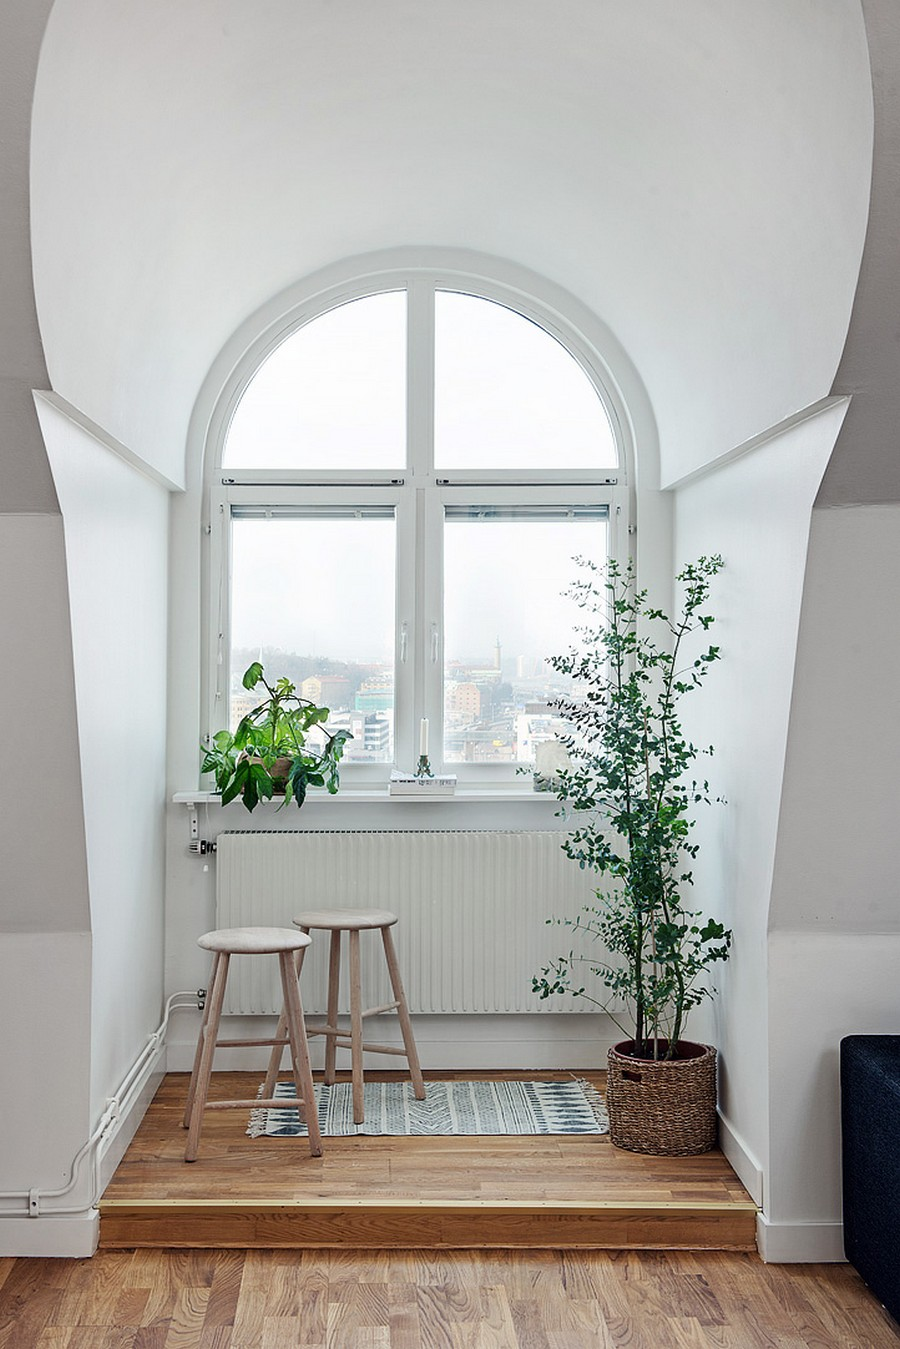 Ниша с арочным окном